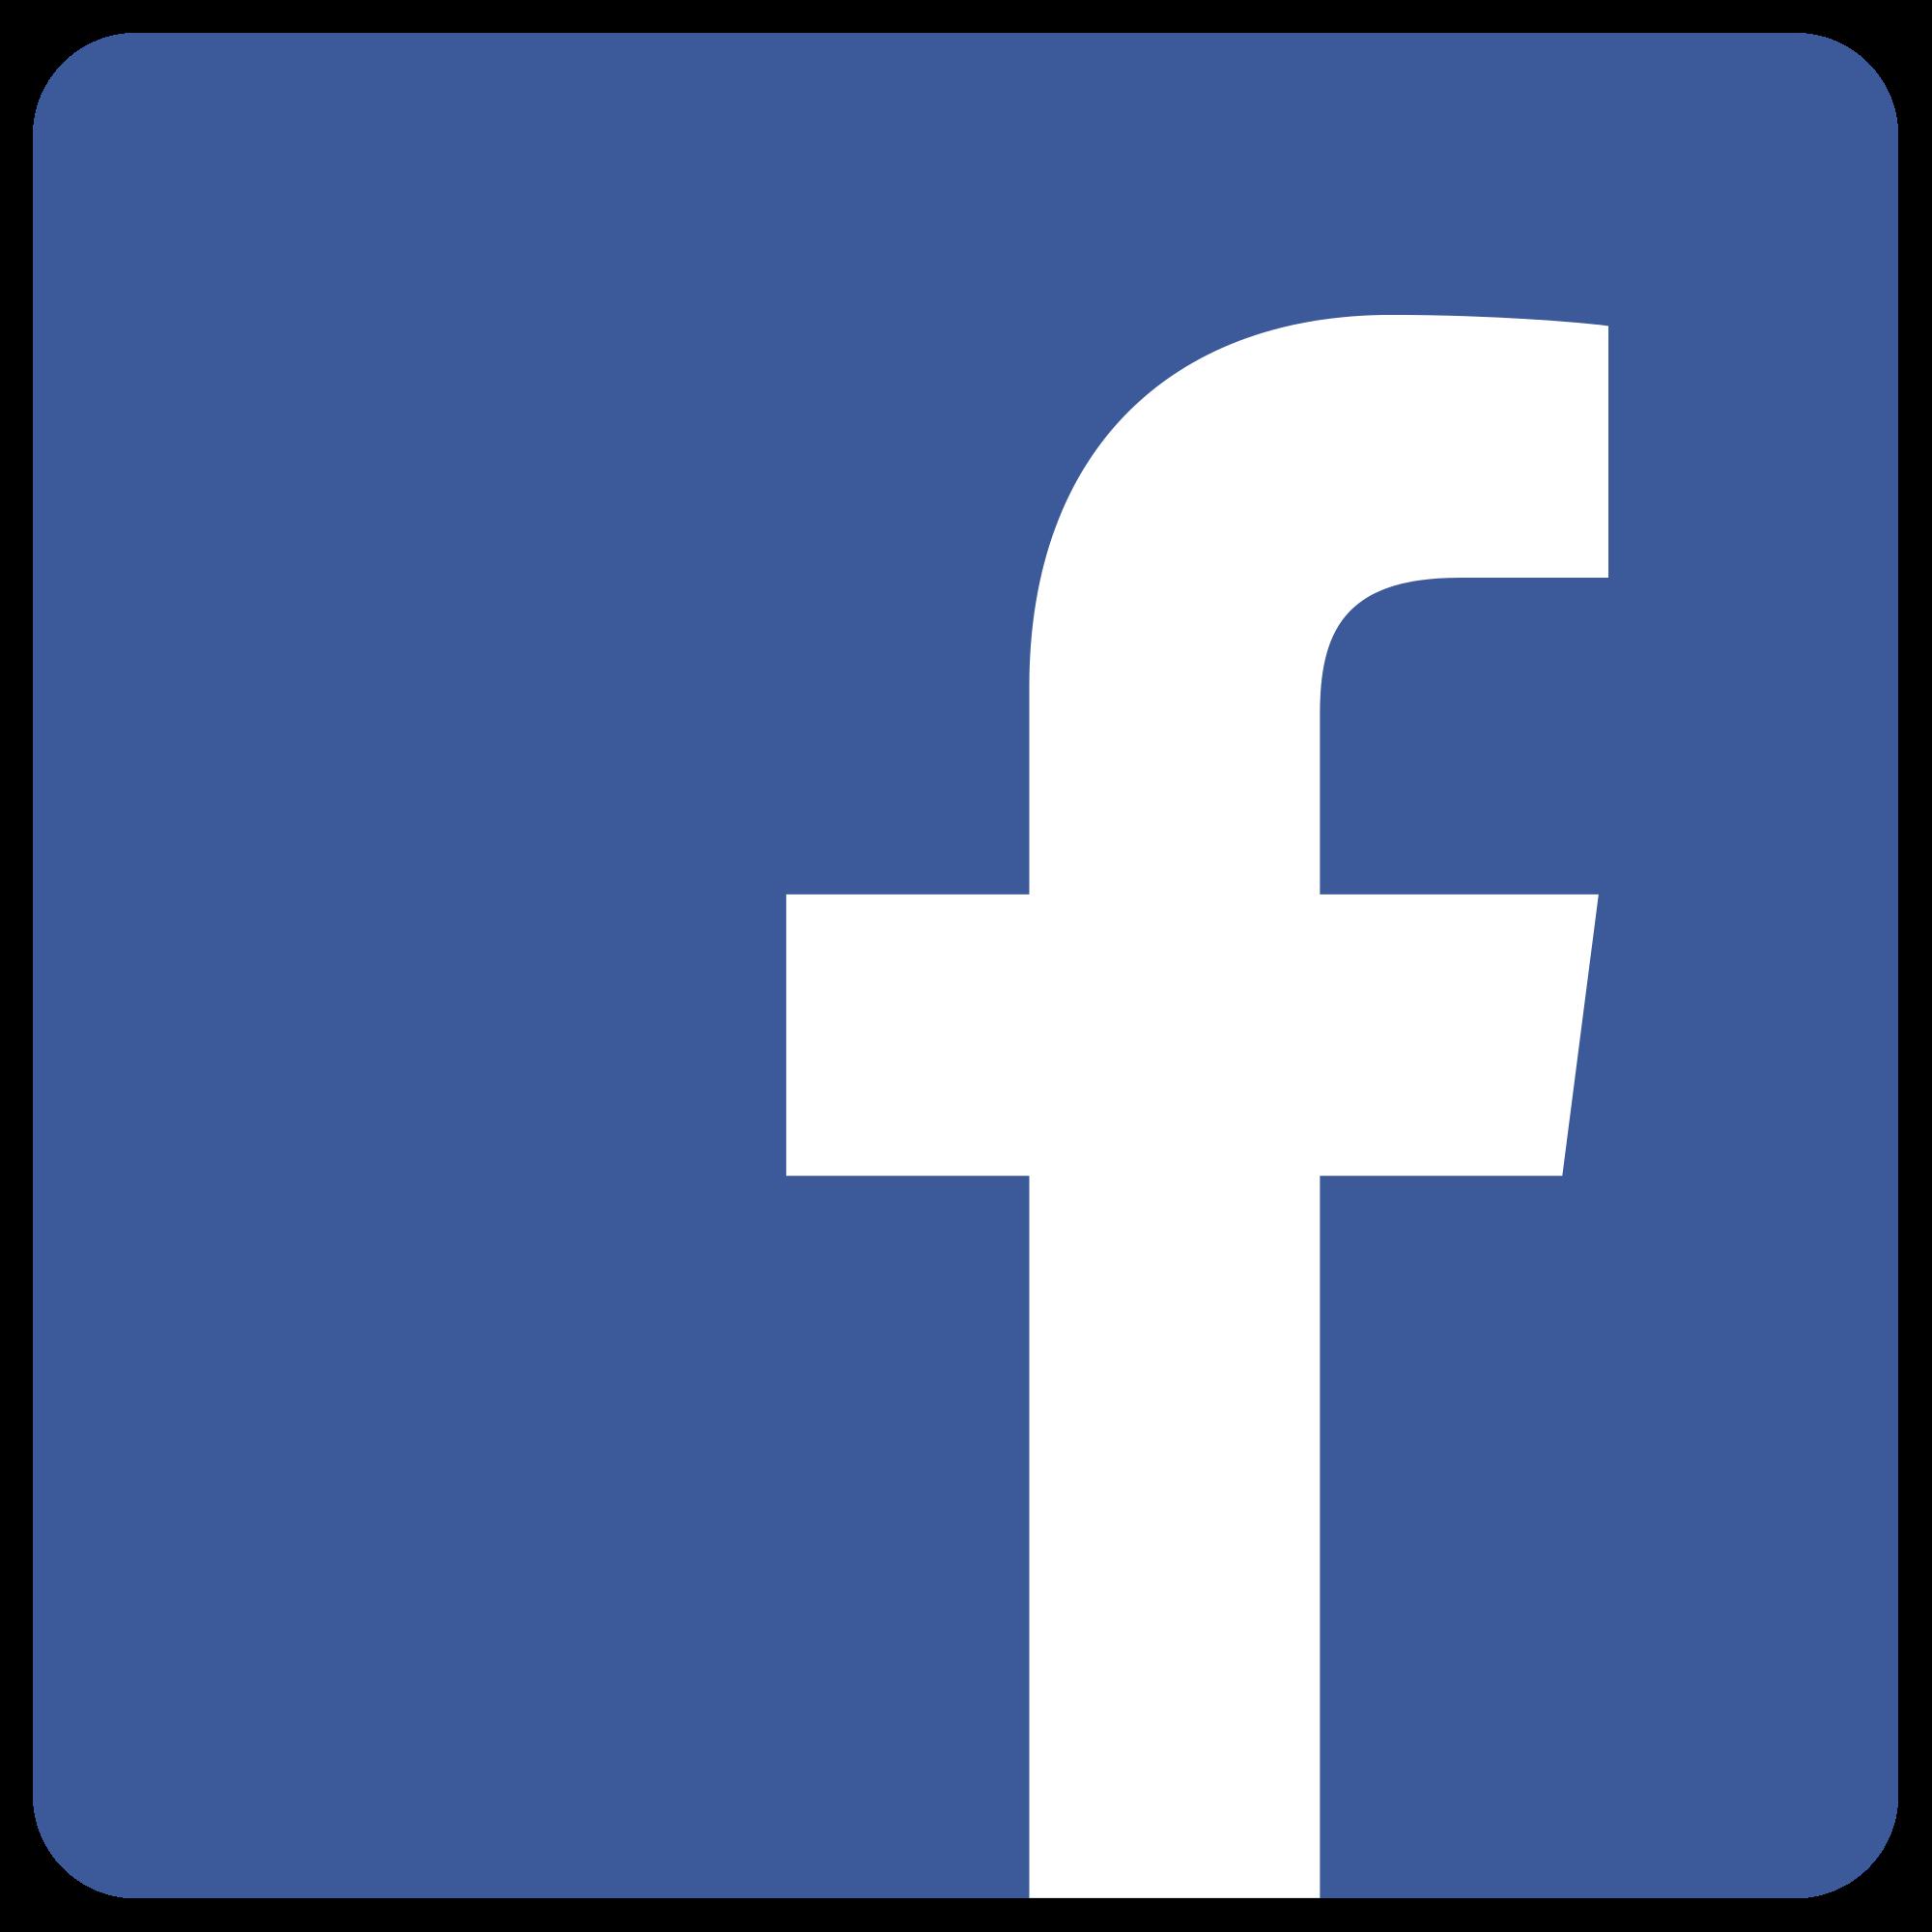 logo facebook google